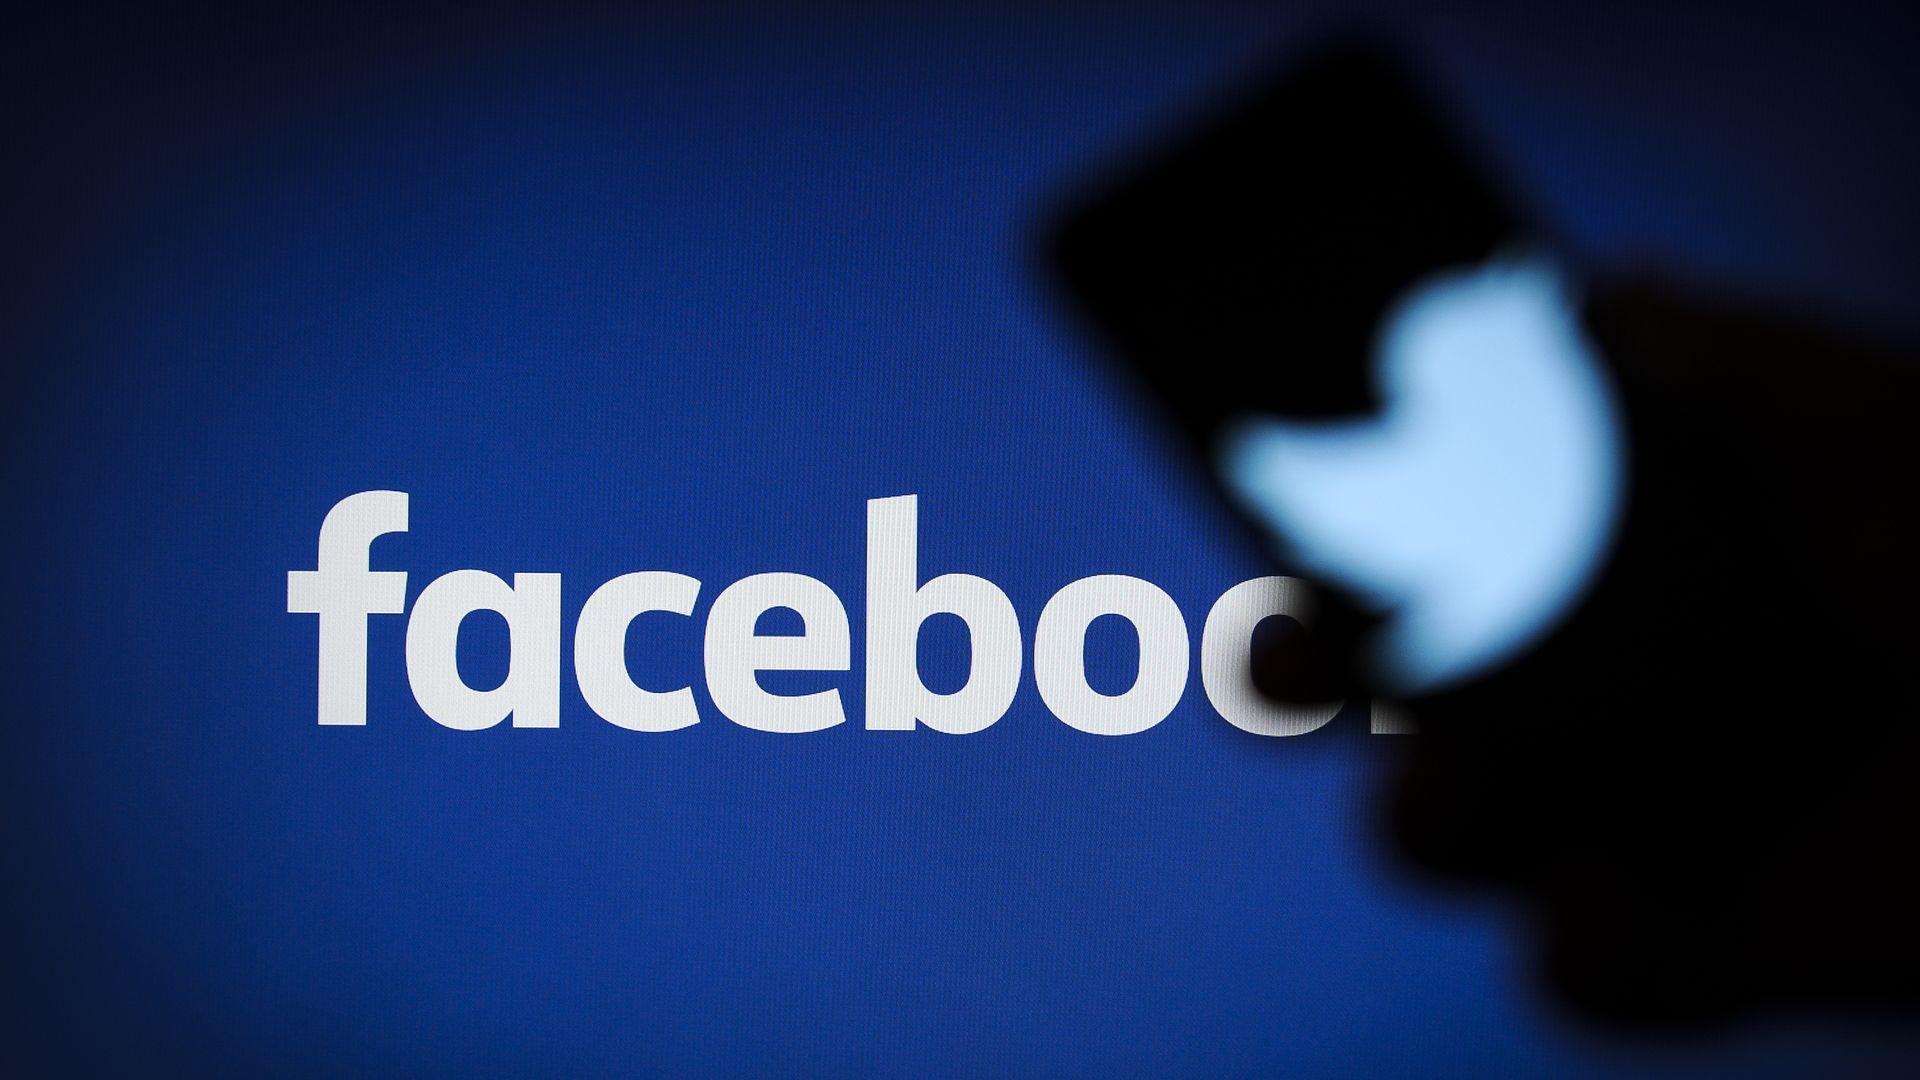 فيسبوك تحذف التغريدات التي تم مشاركتها من تويتر على منصتها ثم تعيدها